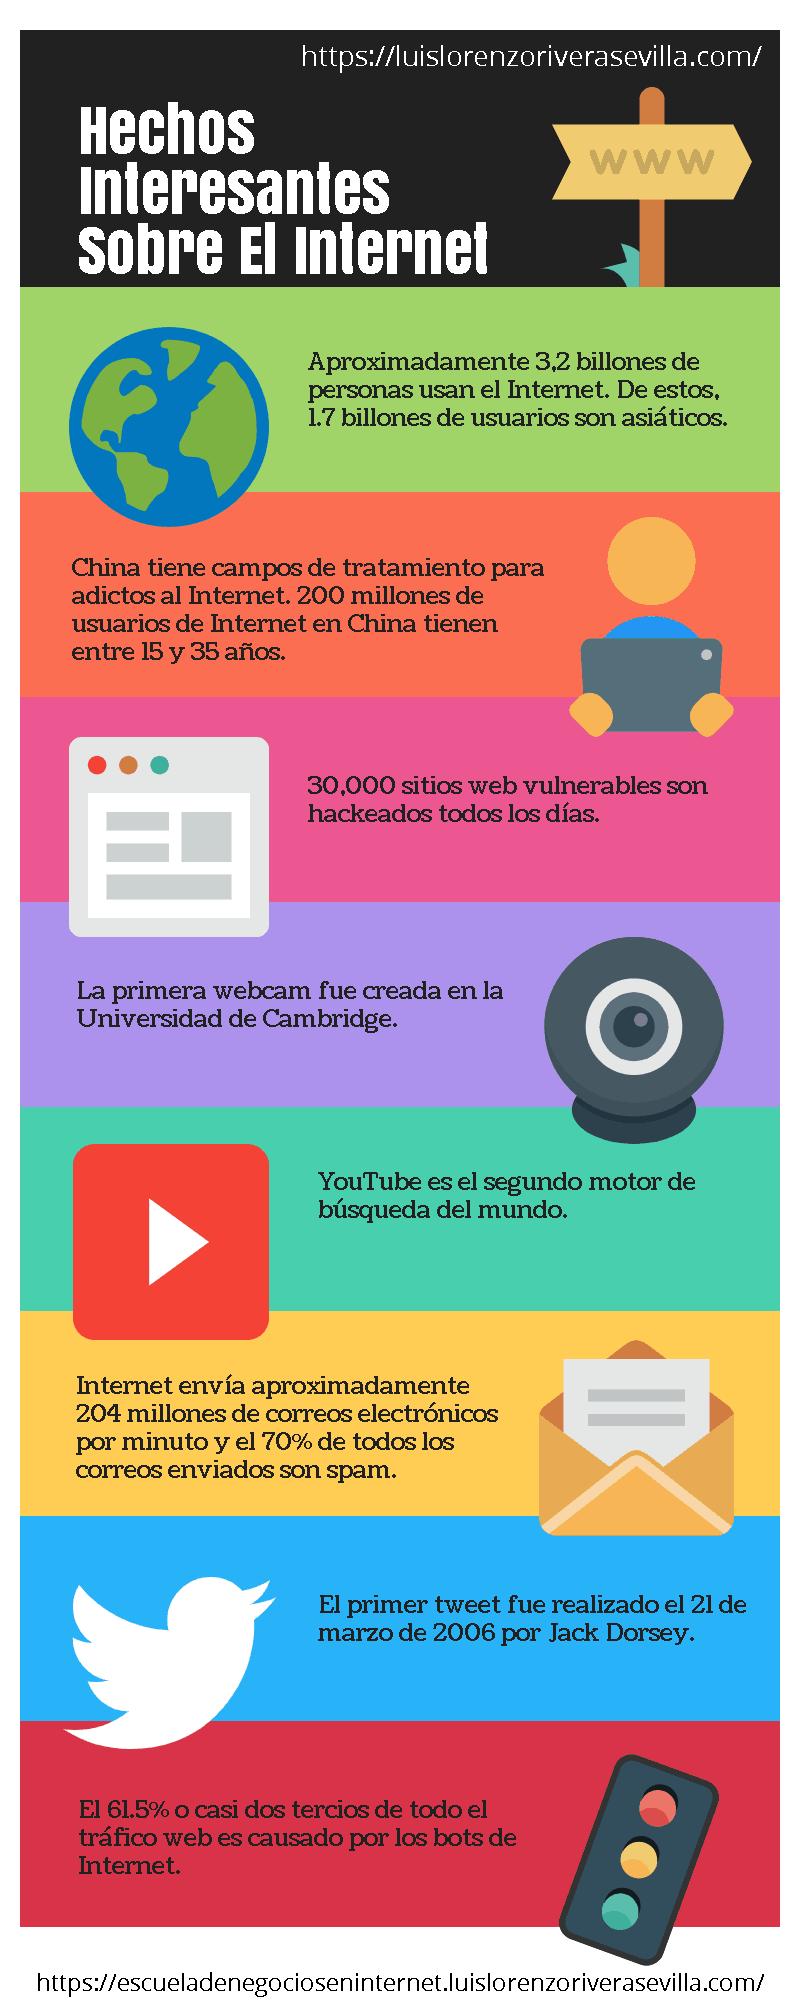 Hechos Interesantes Sobre El Internet - Infografía